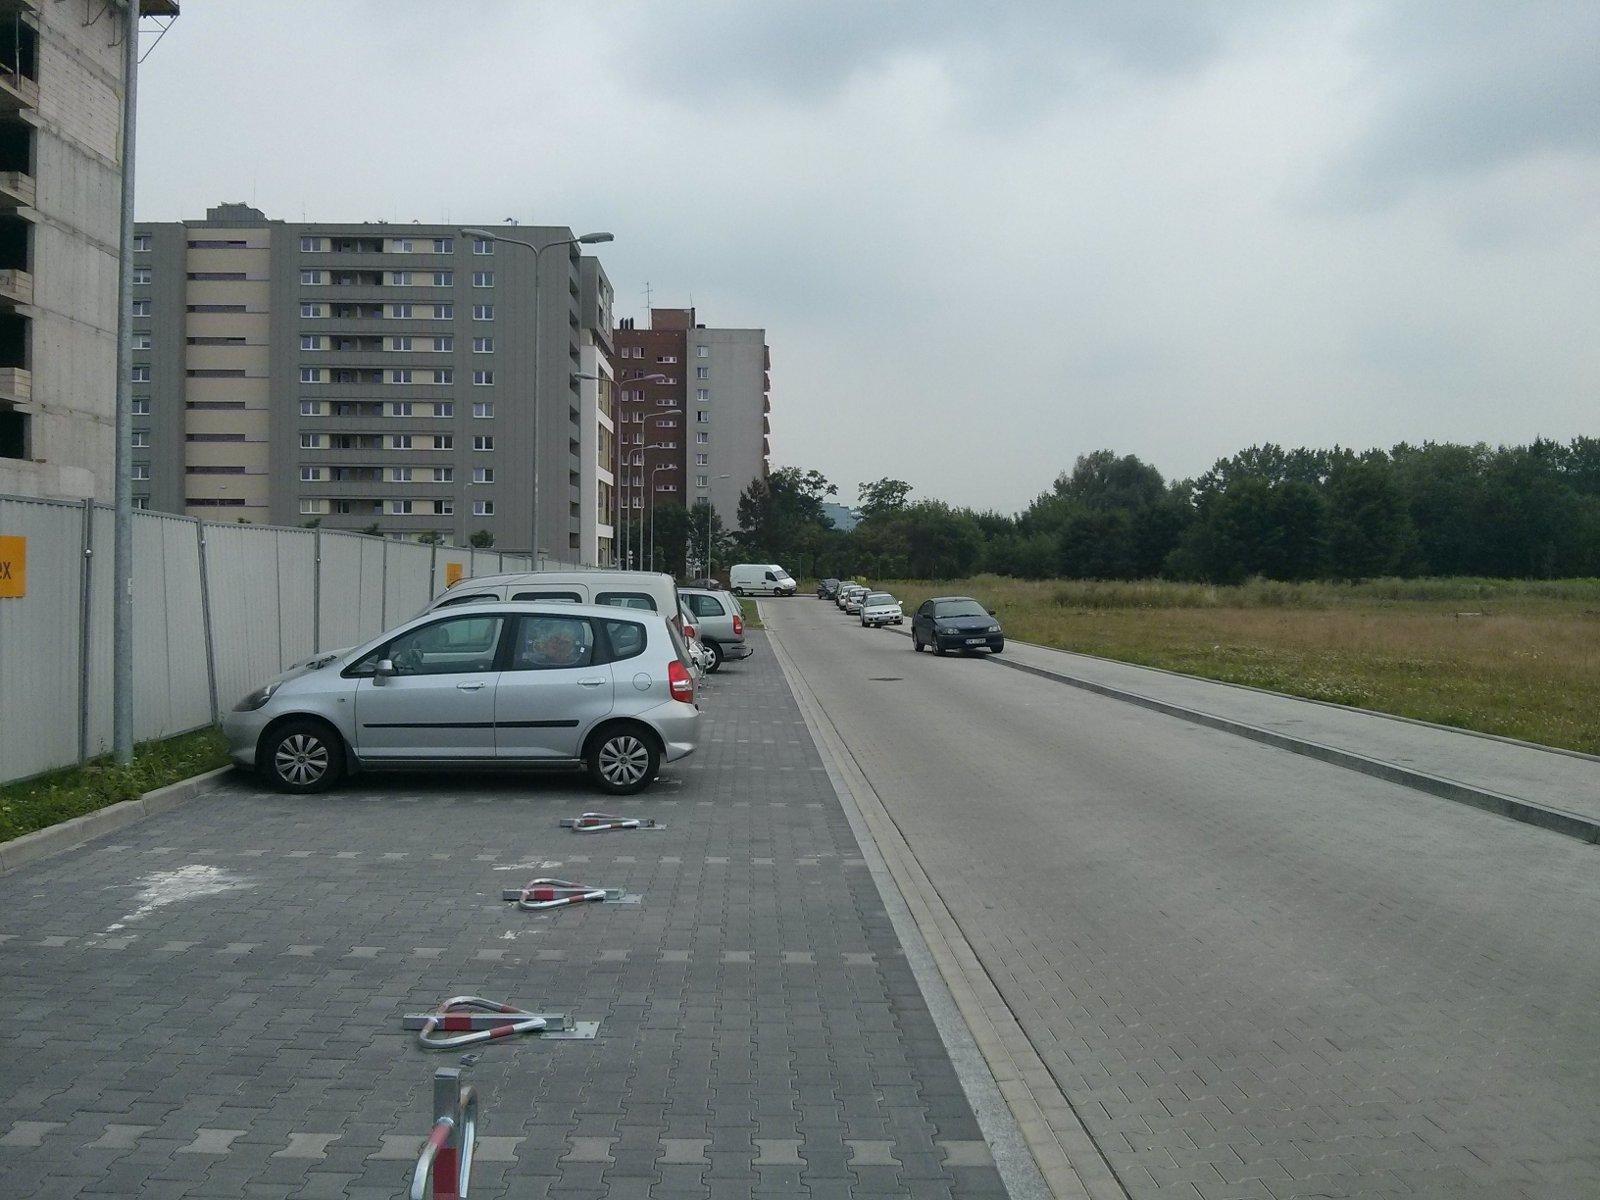 Samochody parkujące na osiedlu Avia i Orlińskiego